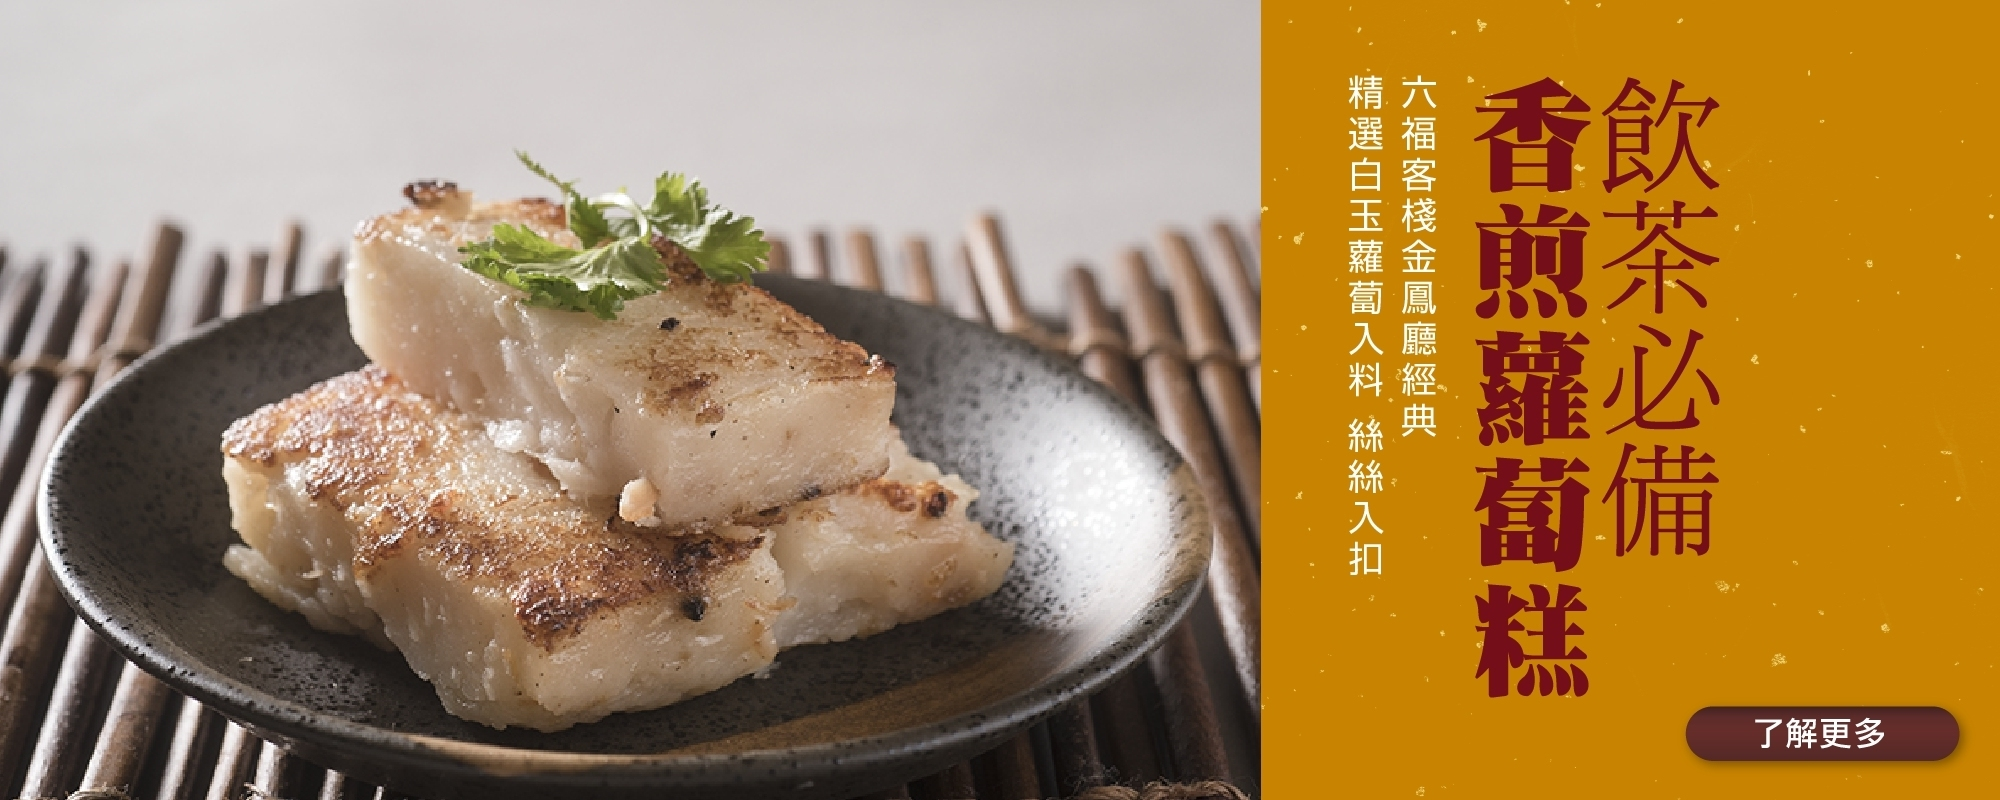 六福客棧香煎蘿蔔糕 金鳳廳港式點心招牌菜 在家也可品嘗港式飲茶